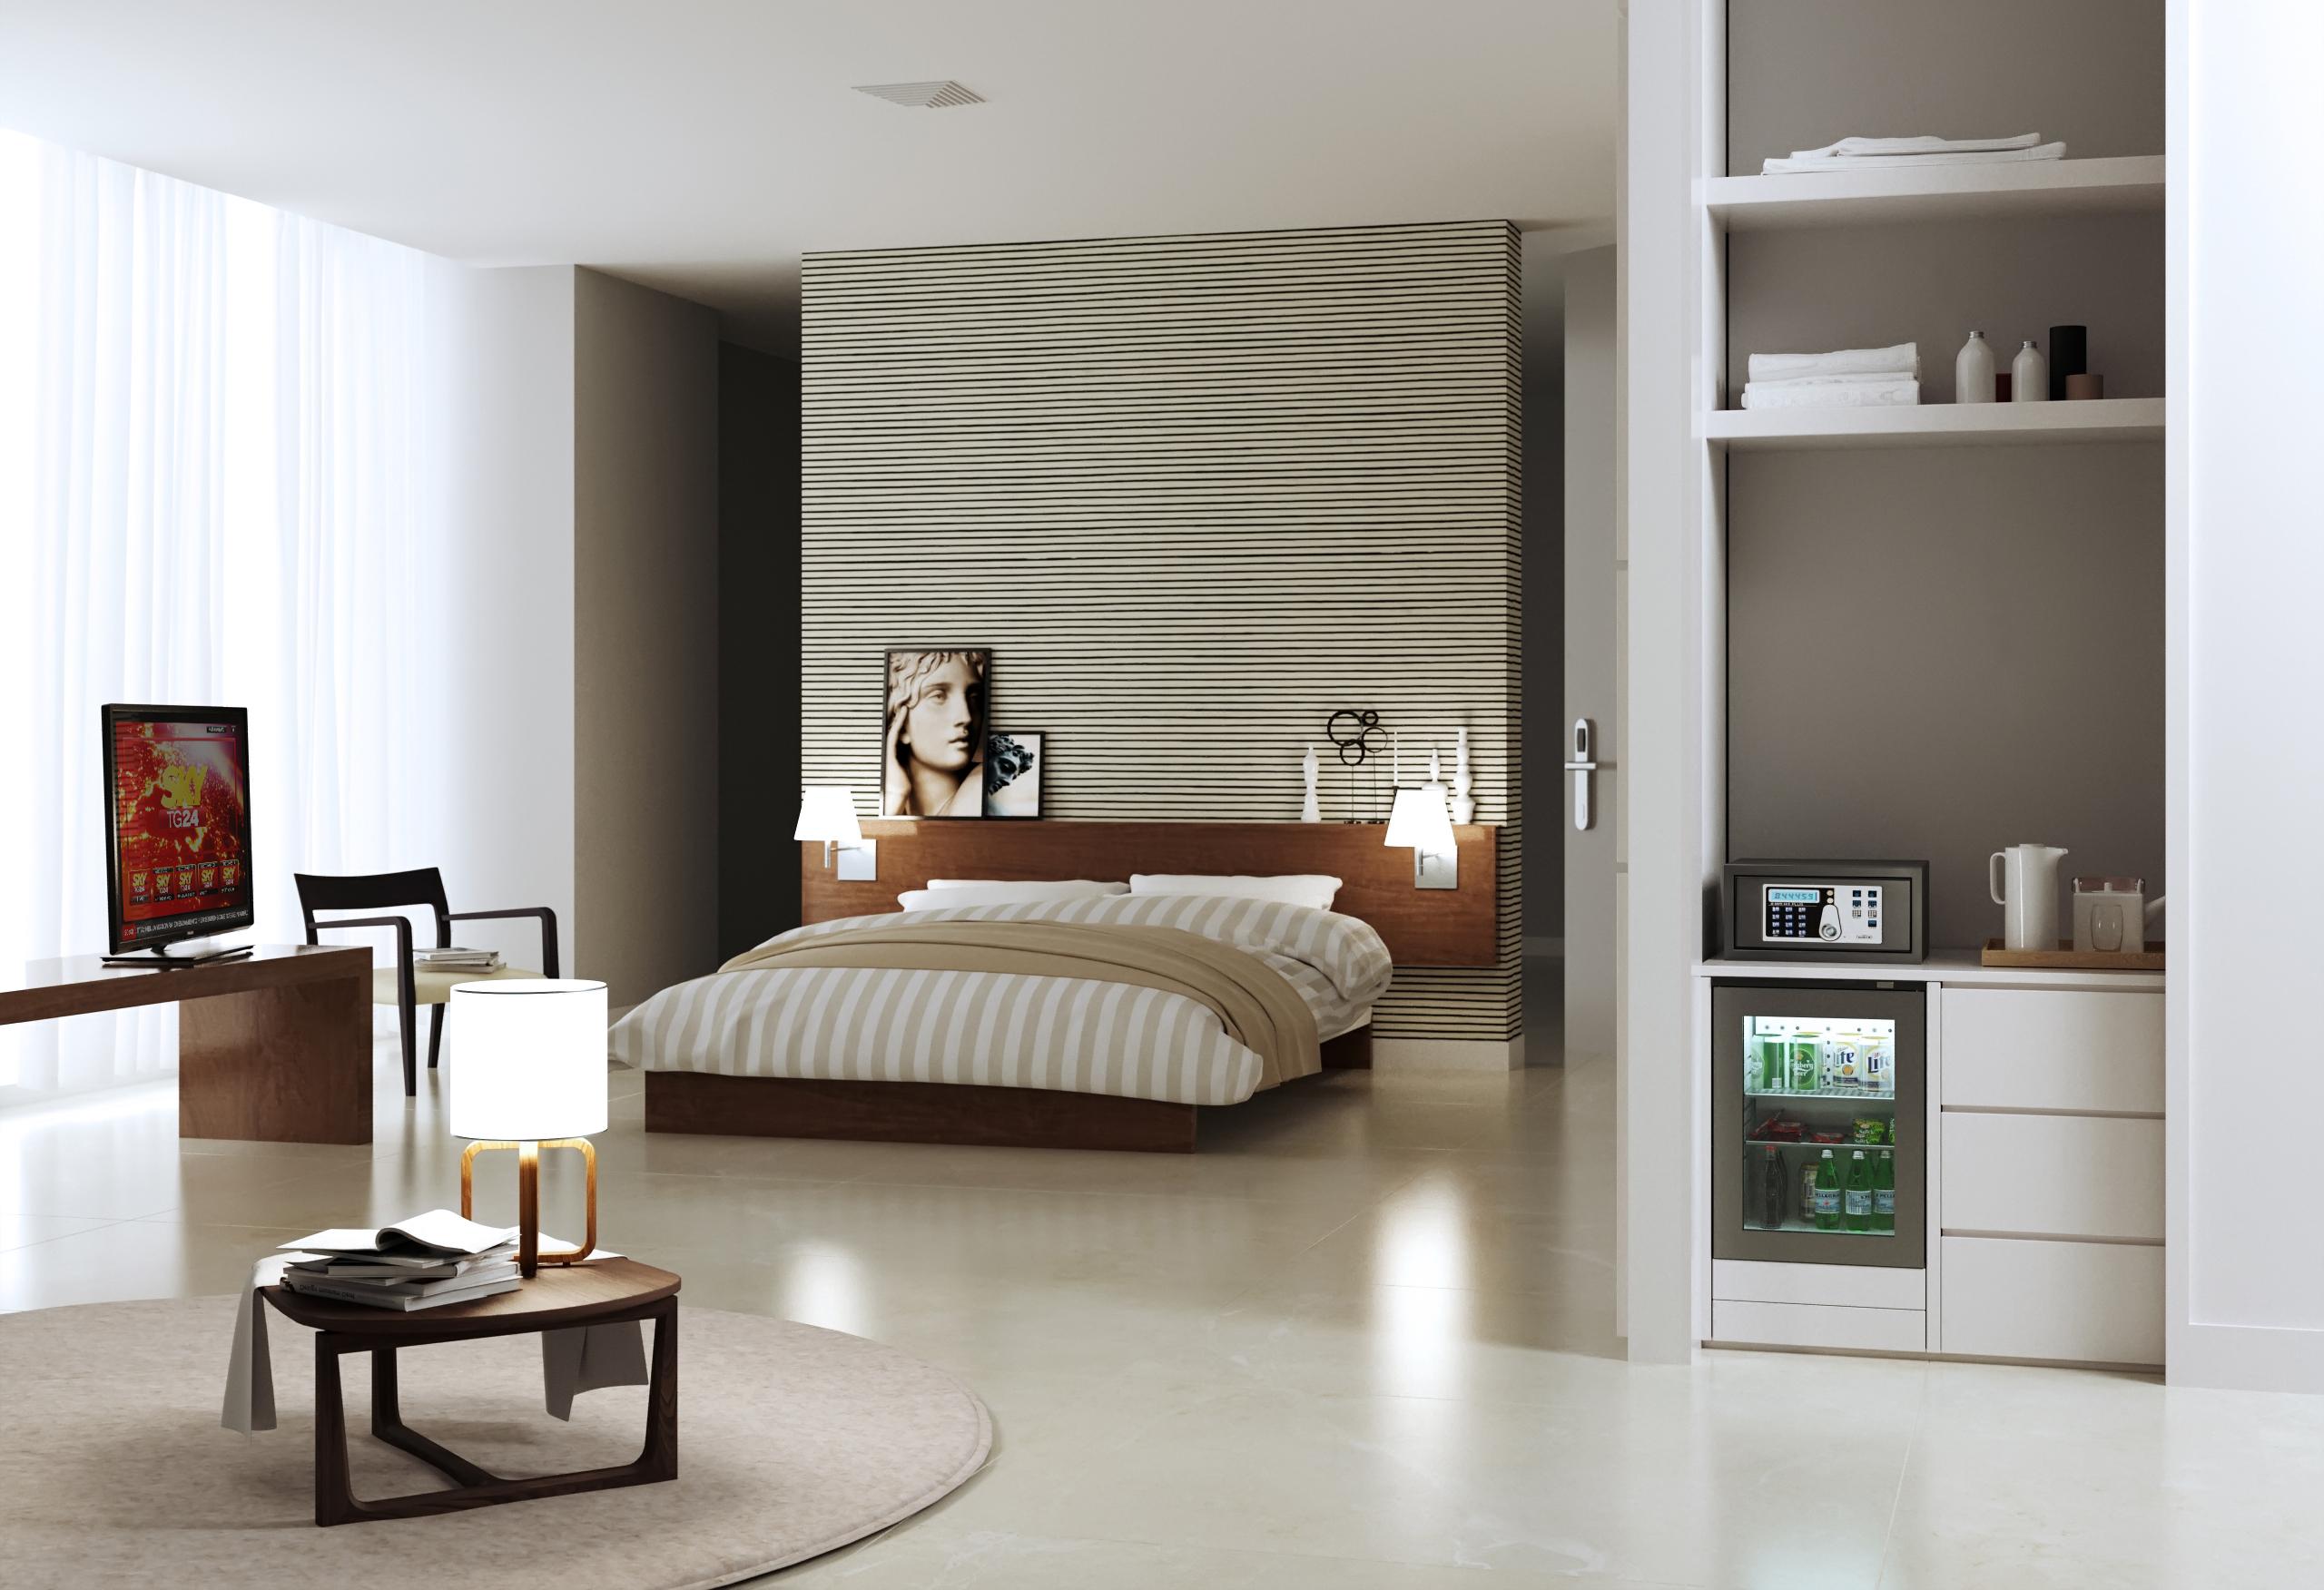 IndelB hotelMinibars hotelkuizen